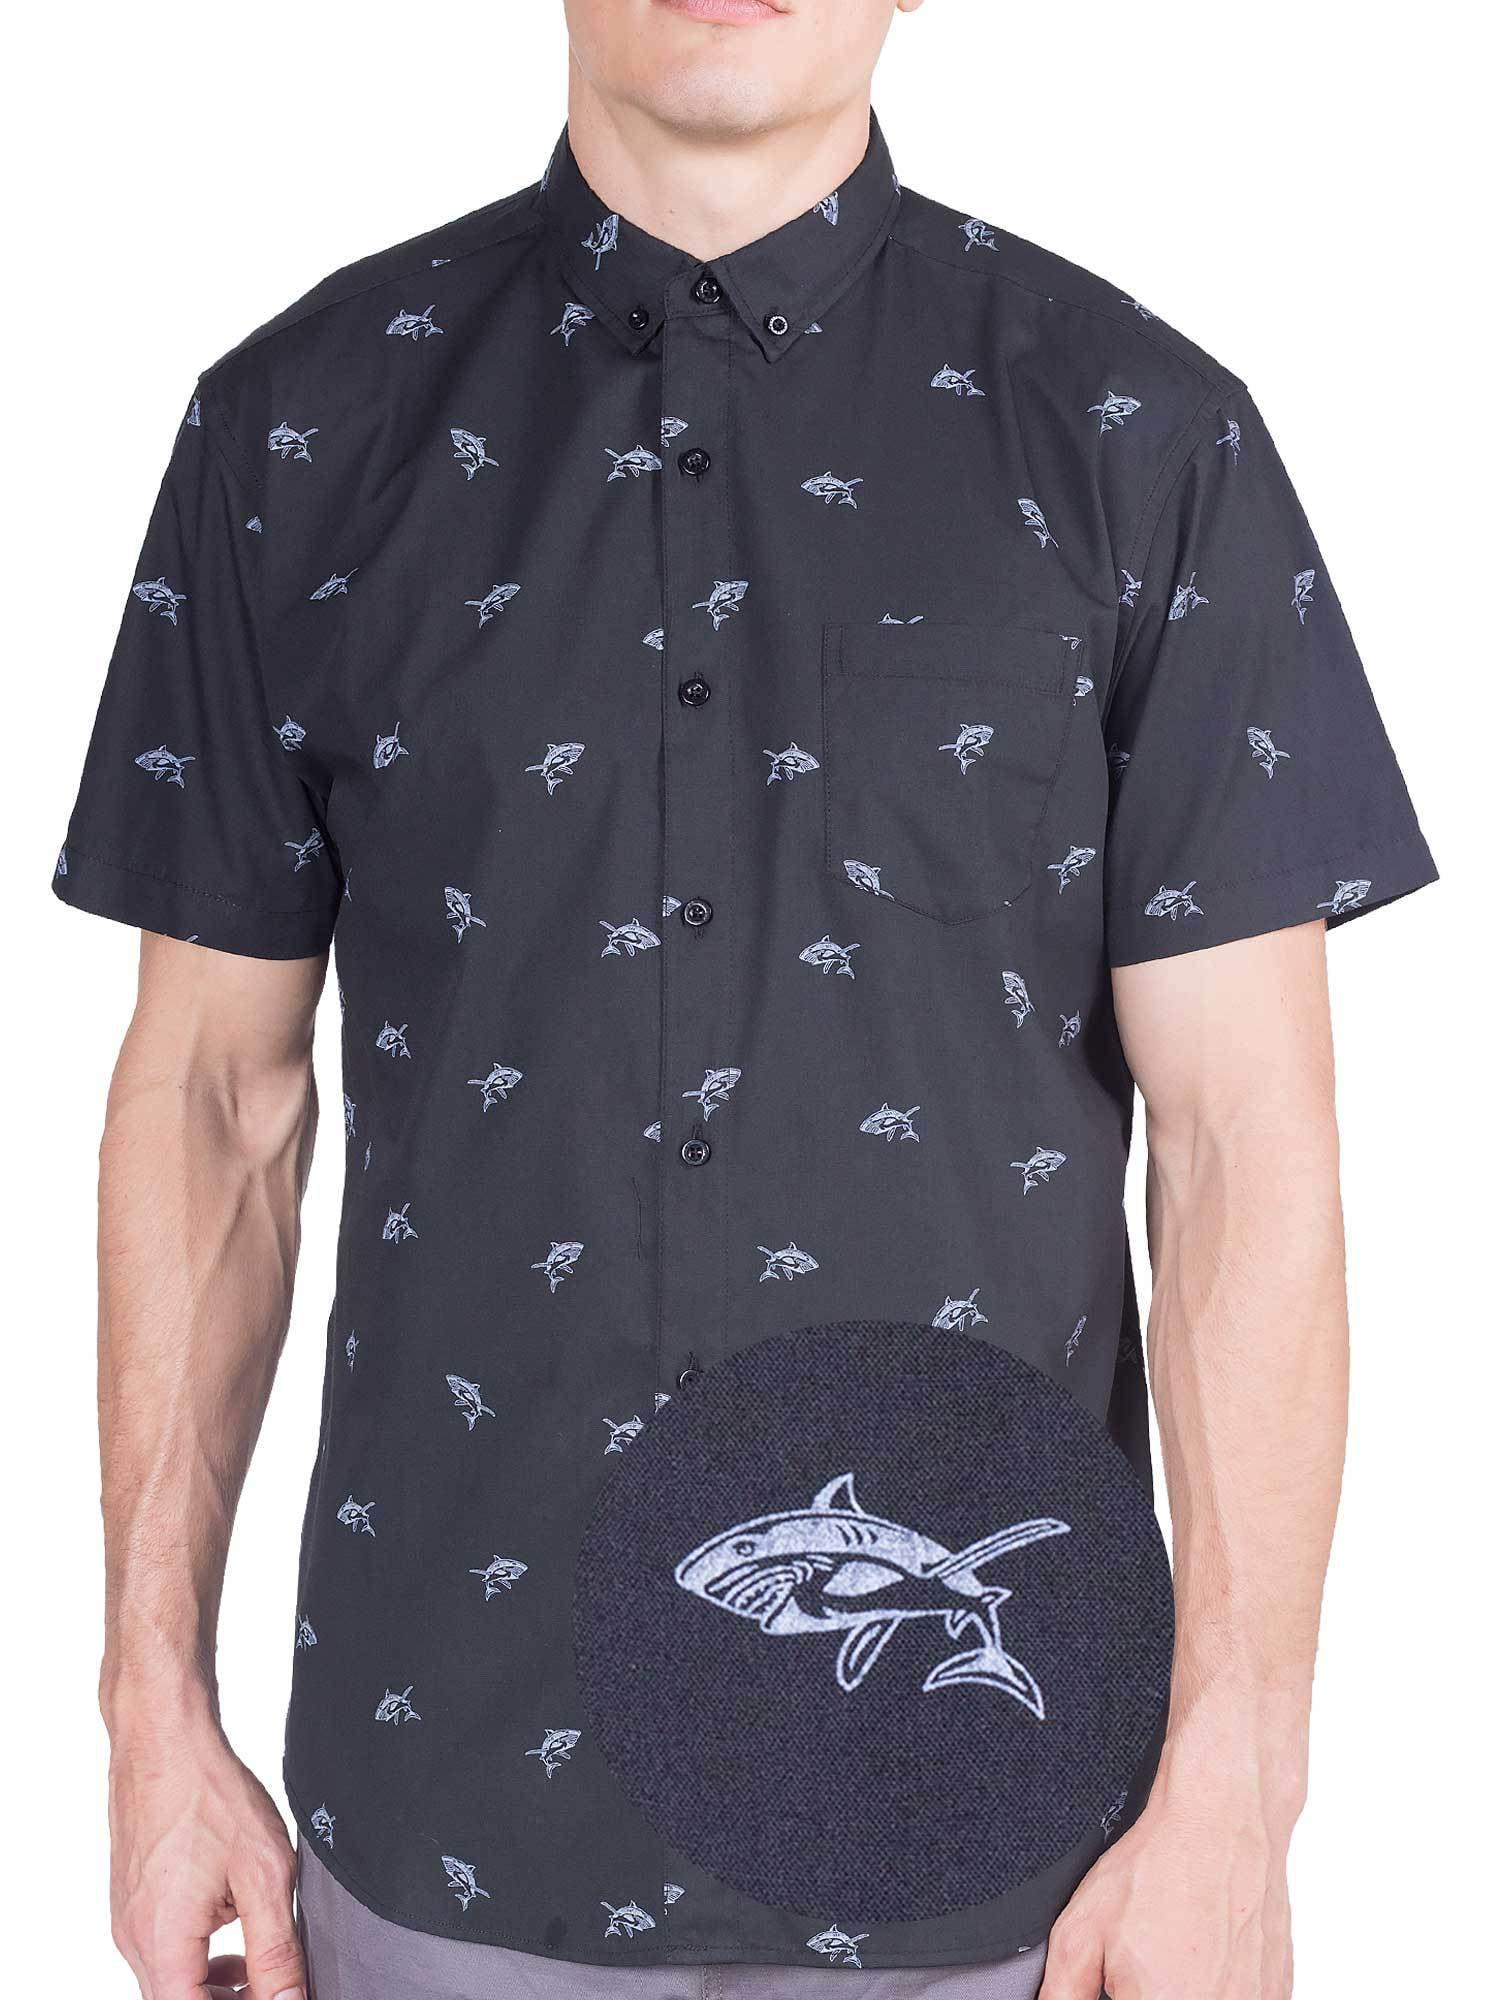 Mens Summer 3D Ink Print Slim Short Sleeve Button Down Shirt Tops